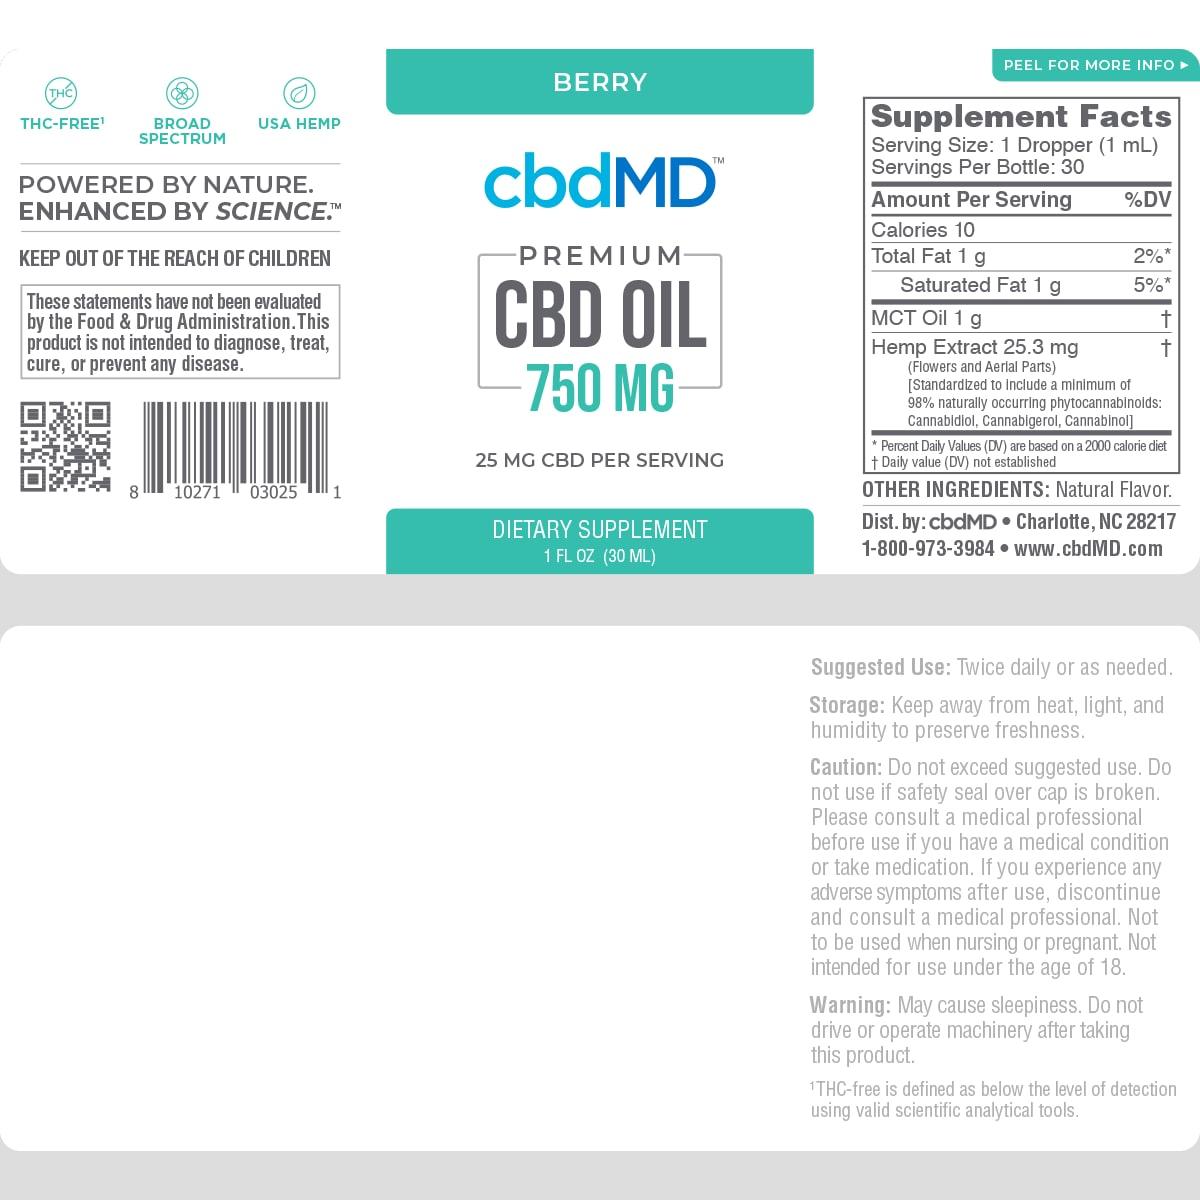 cbdMD, CBD Oil Tincture, Broad Spectrum THC-Free, Berry, 1oz, 750mg of CBD2